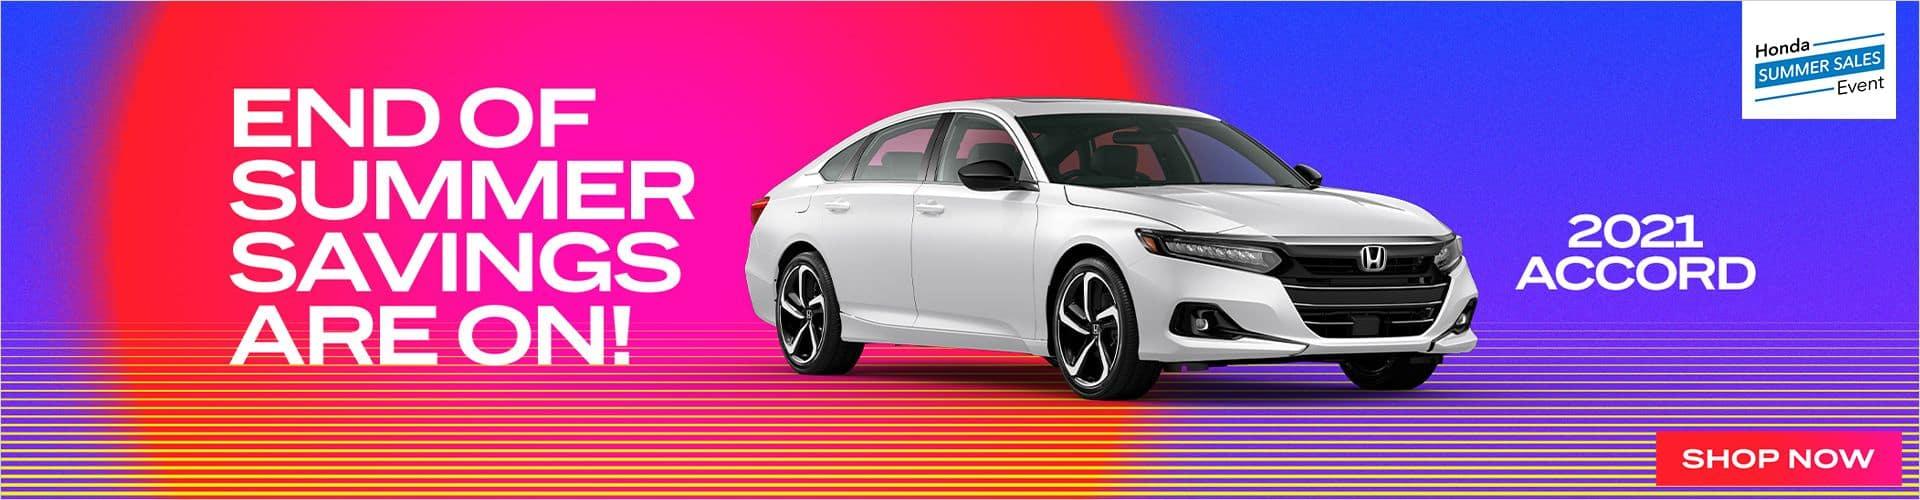 Honda summer sales event_accord